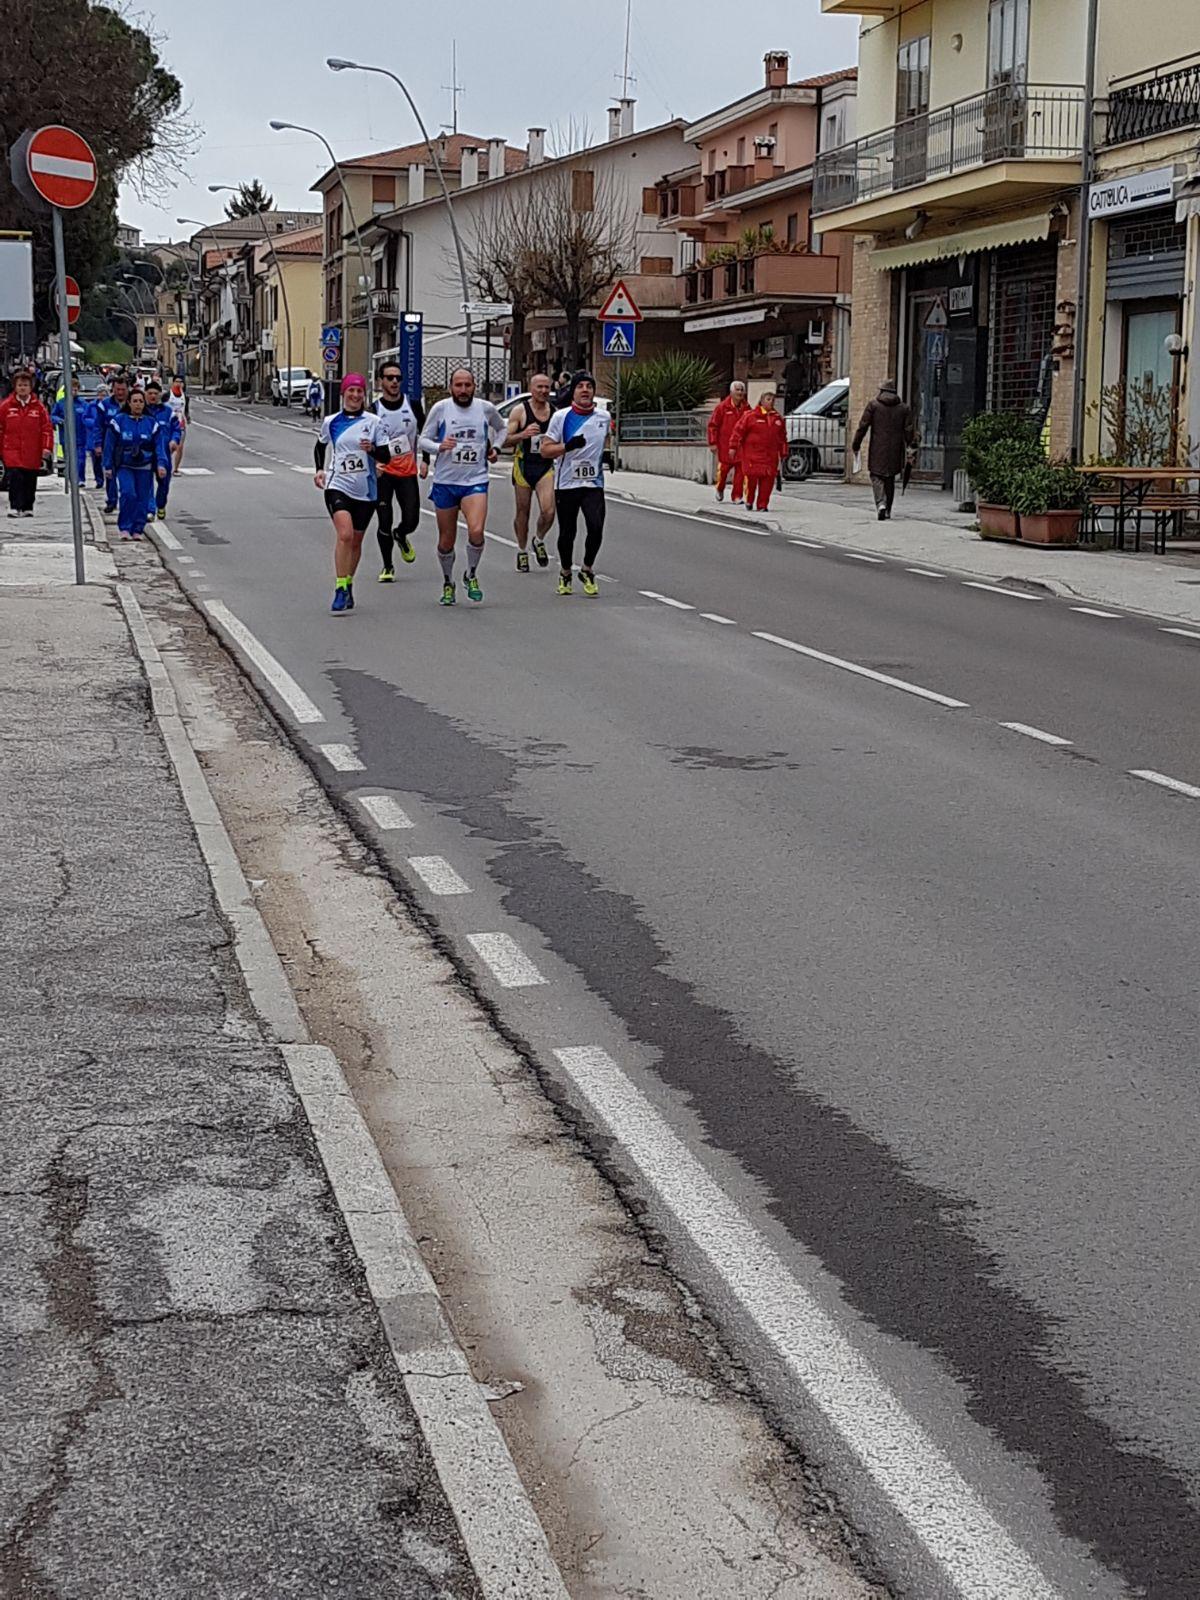 Corridonia  2018-03-18 at 13.49.27